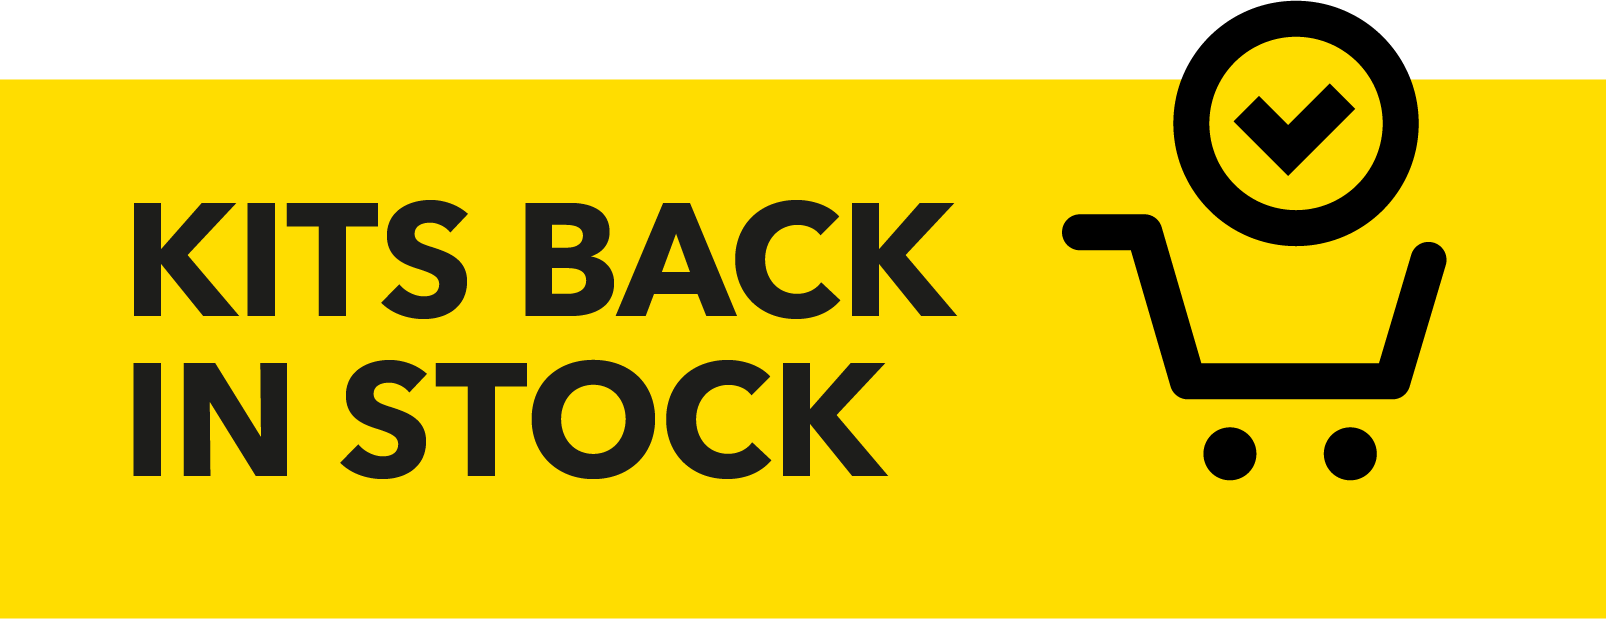 Kits Back in Stock!